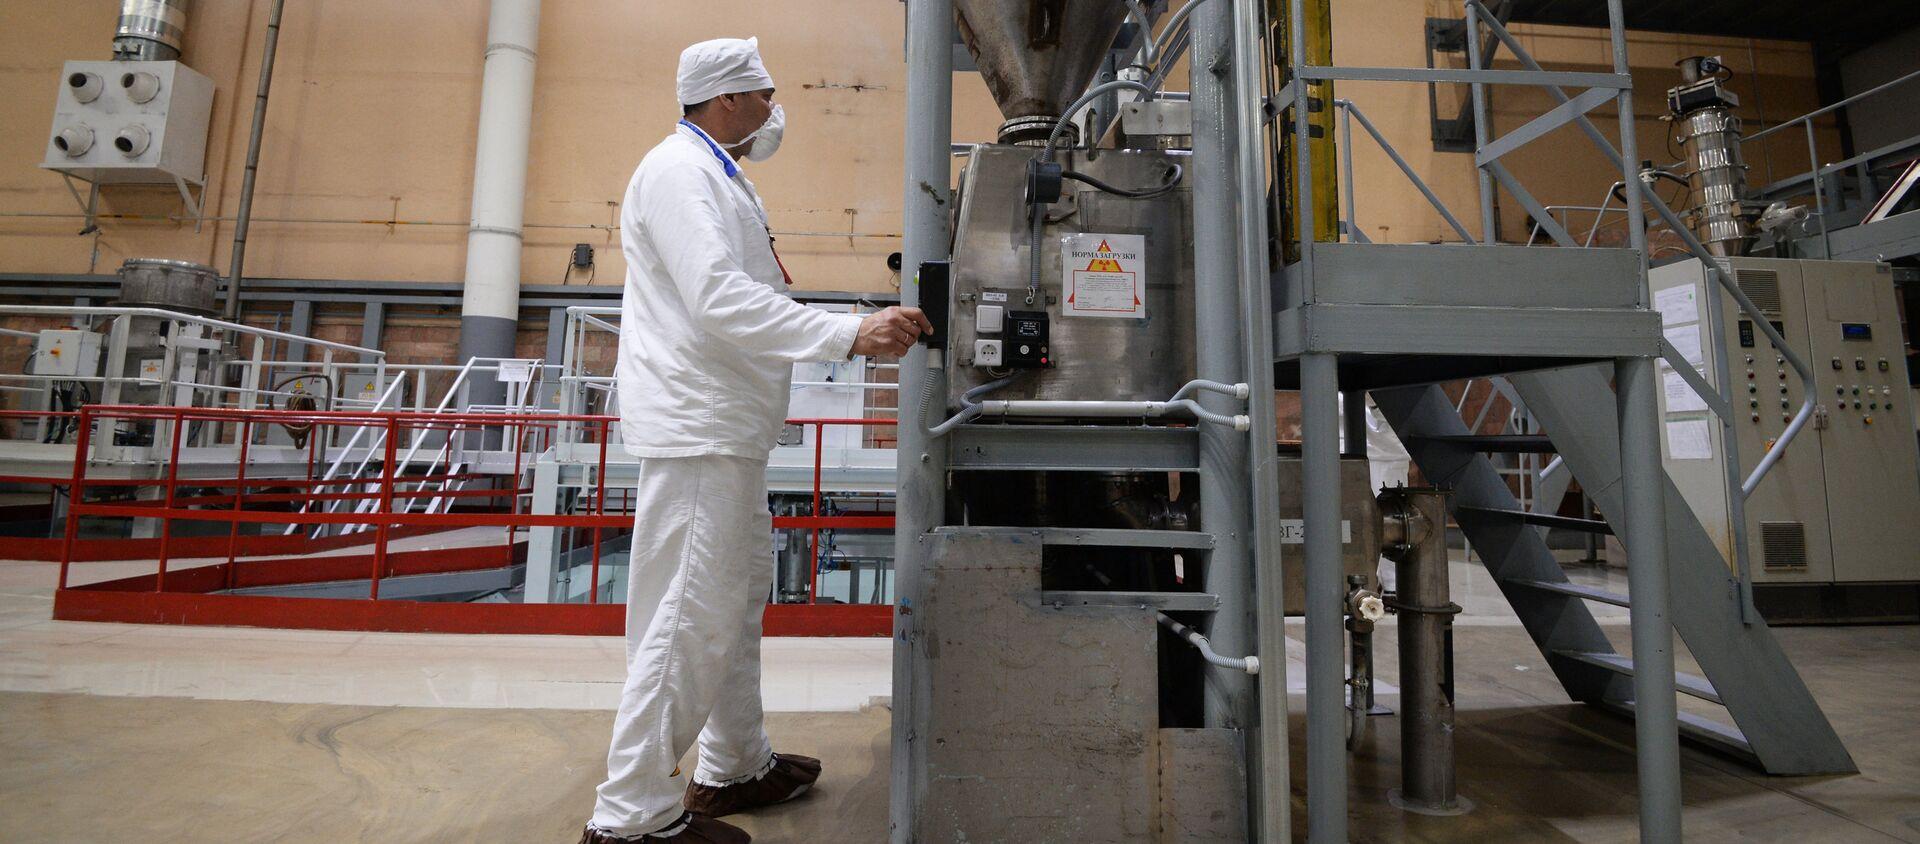 Uchastok izgotovleniya toplivnыx tabletok dioksida urana - Sputnik Oʻzbekiston, 1920, 17.03.2018